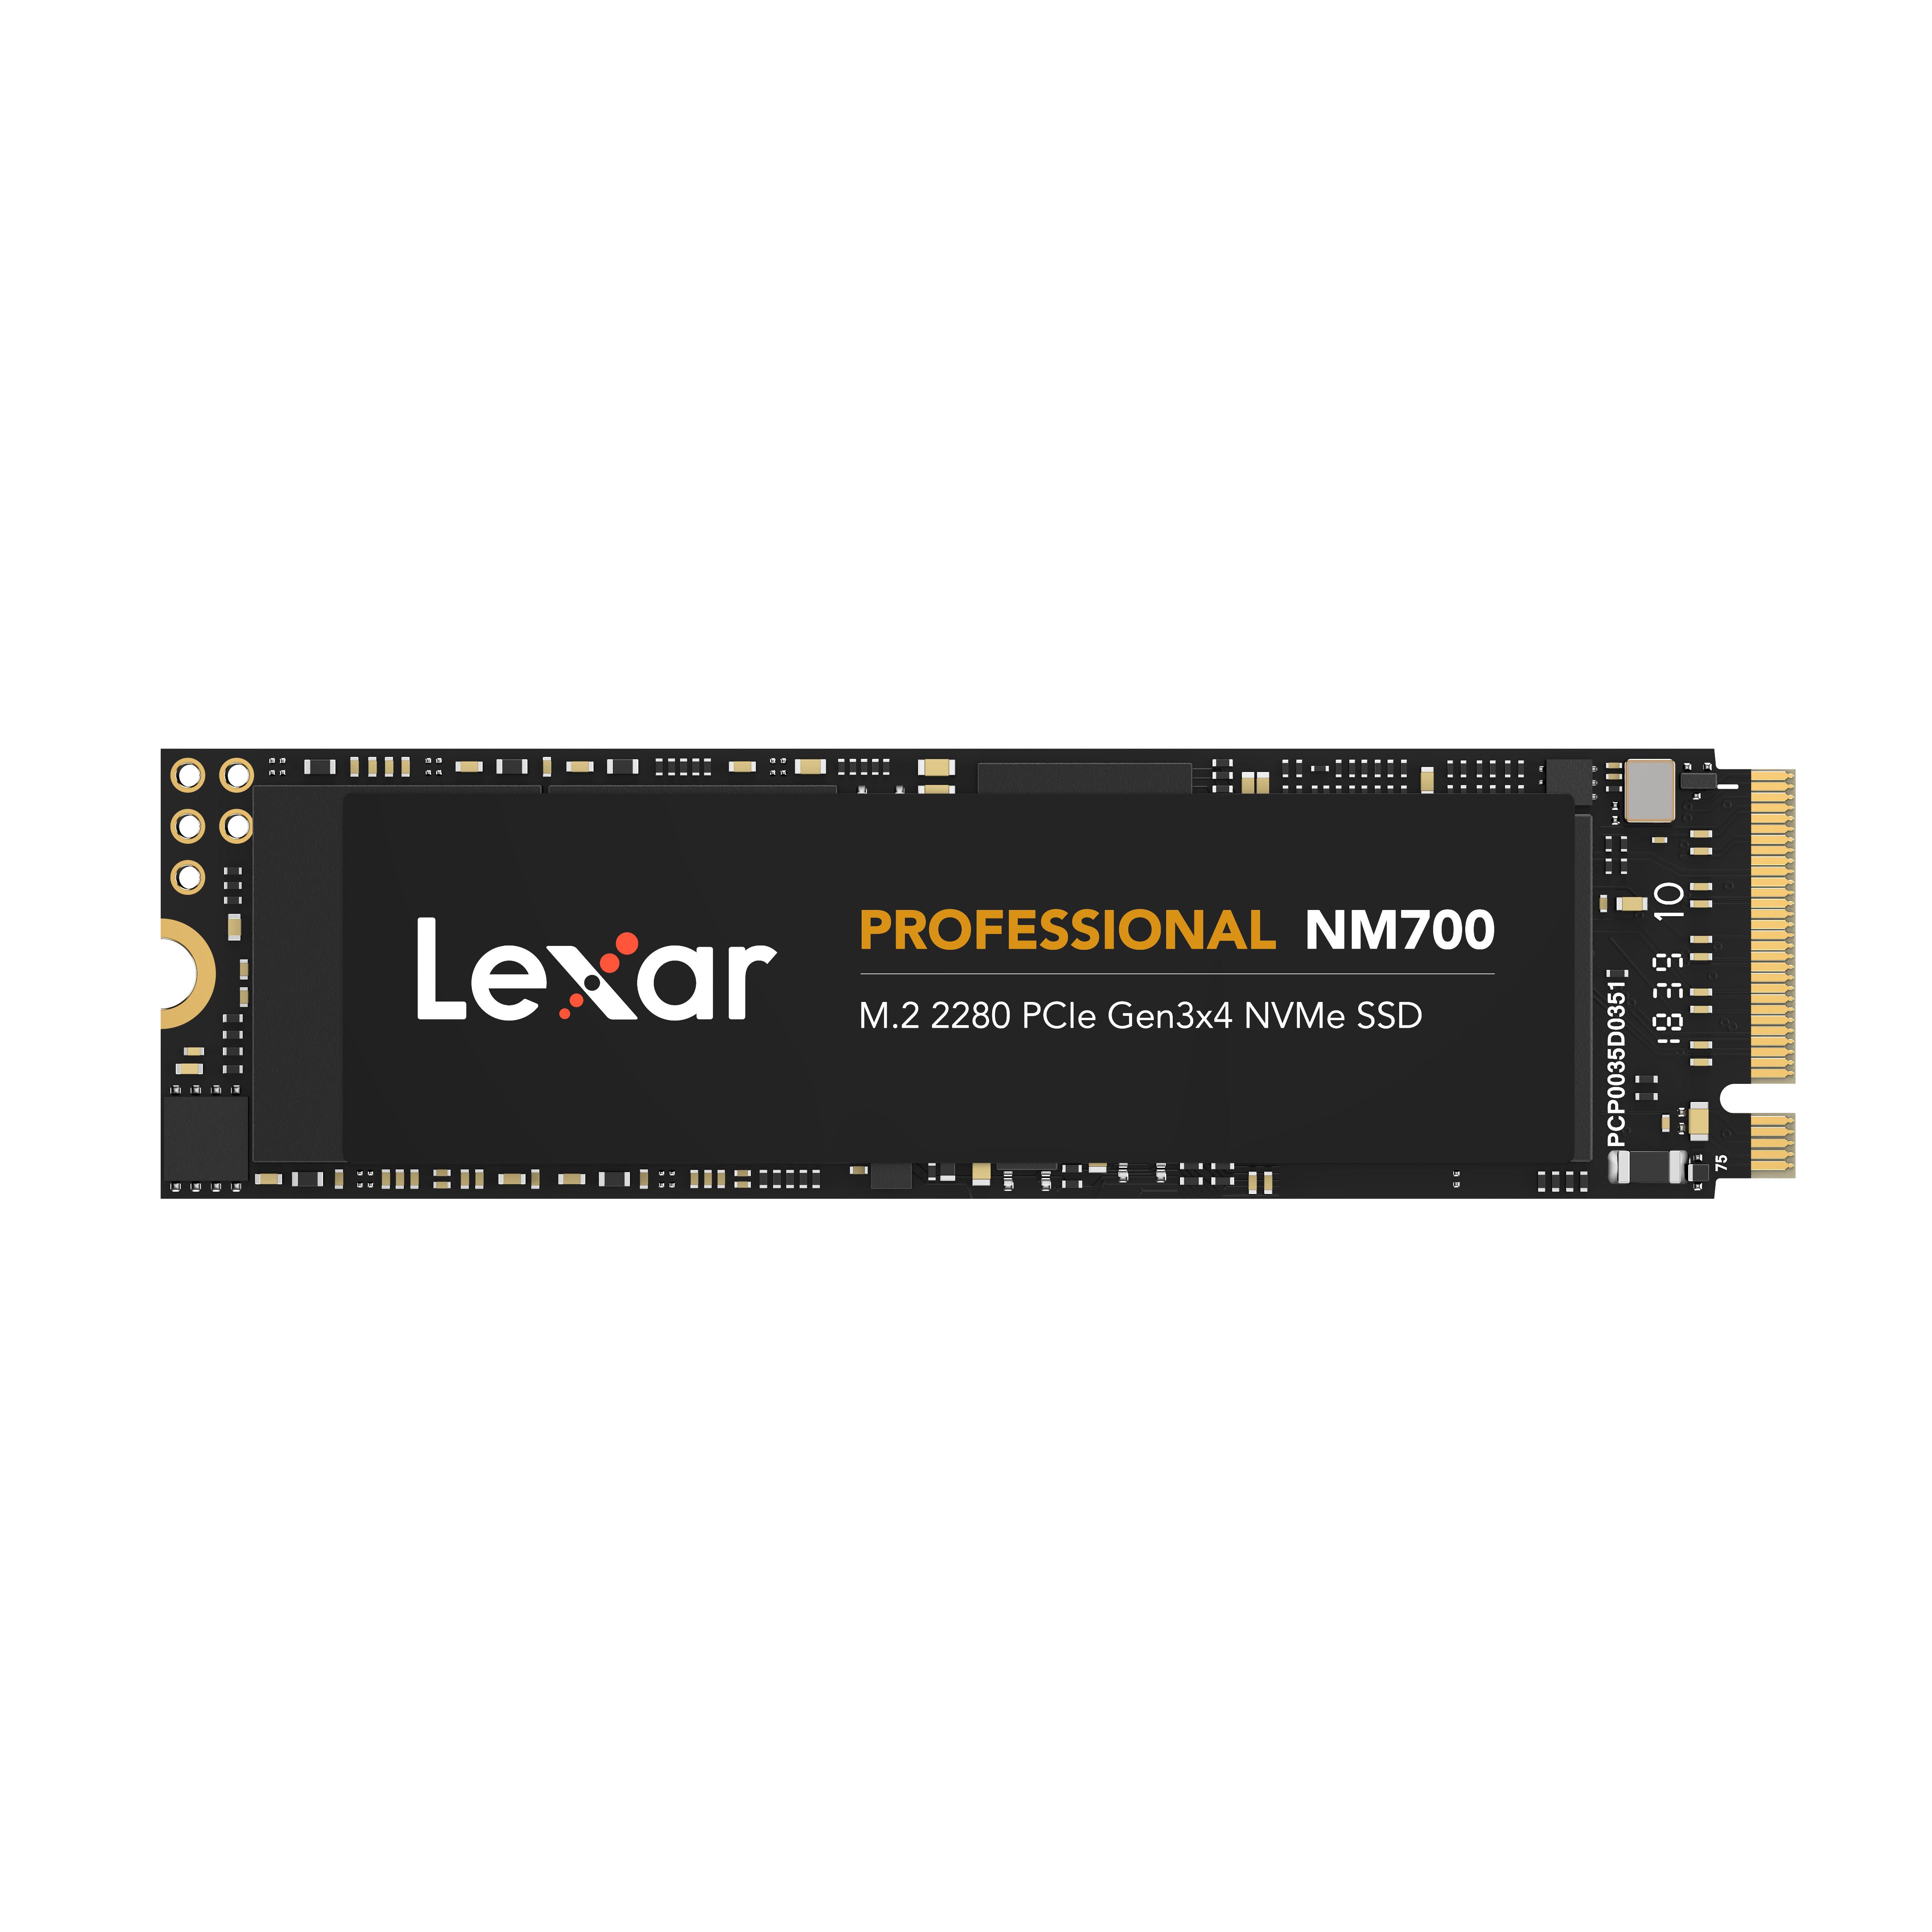 Ổ cứng SSD Lexar Professional NM700 256GB PCIe Gen3x4 M.2 2280 NVMe 3500MB/s - Hàng Chính Hãng